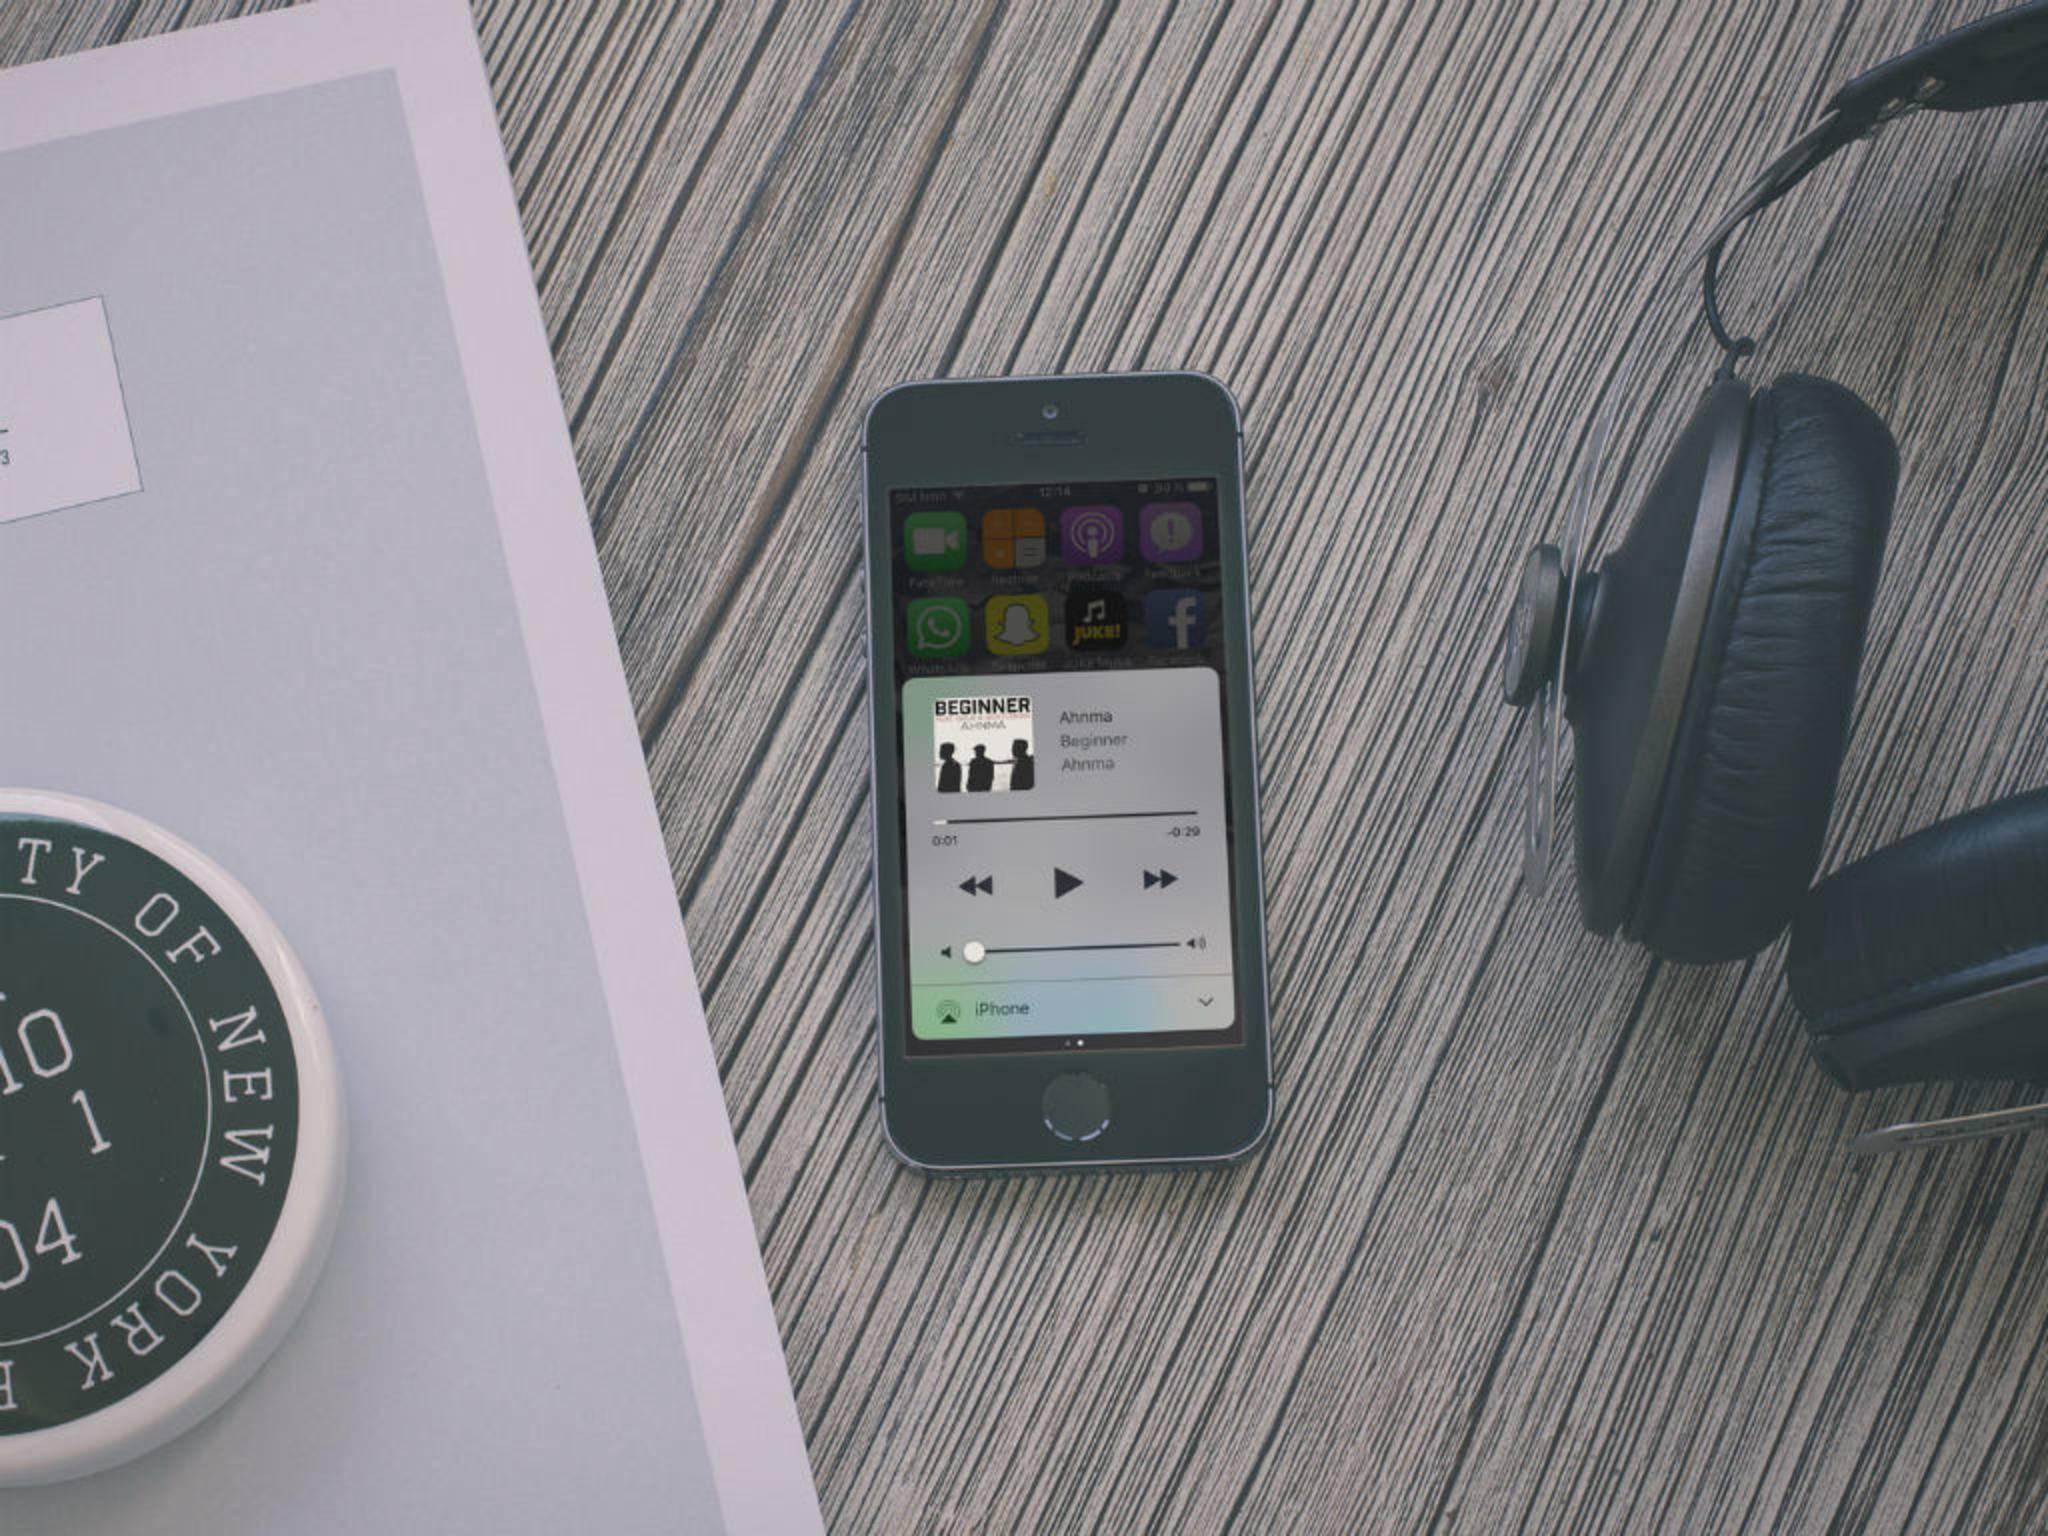 So sieht das neue Kontrollzentrum in iOS 10 aus.